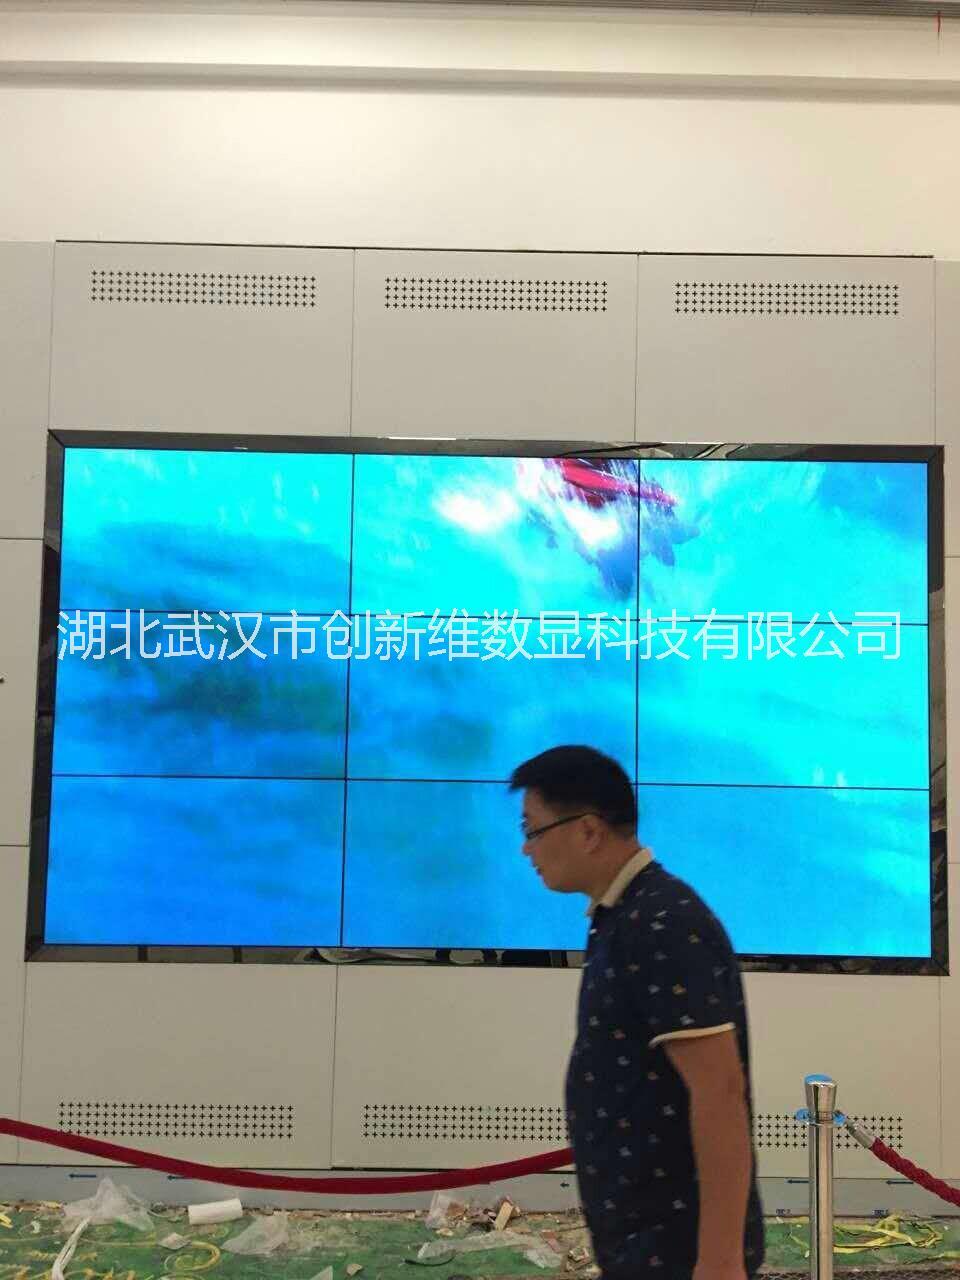 湖北省液晶拼接屏,4K65寸8mm液晶拼接屏创新维